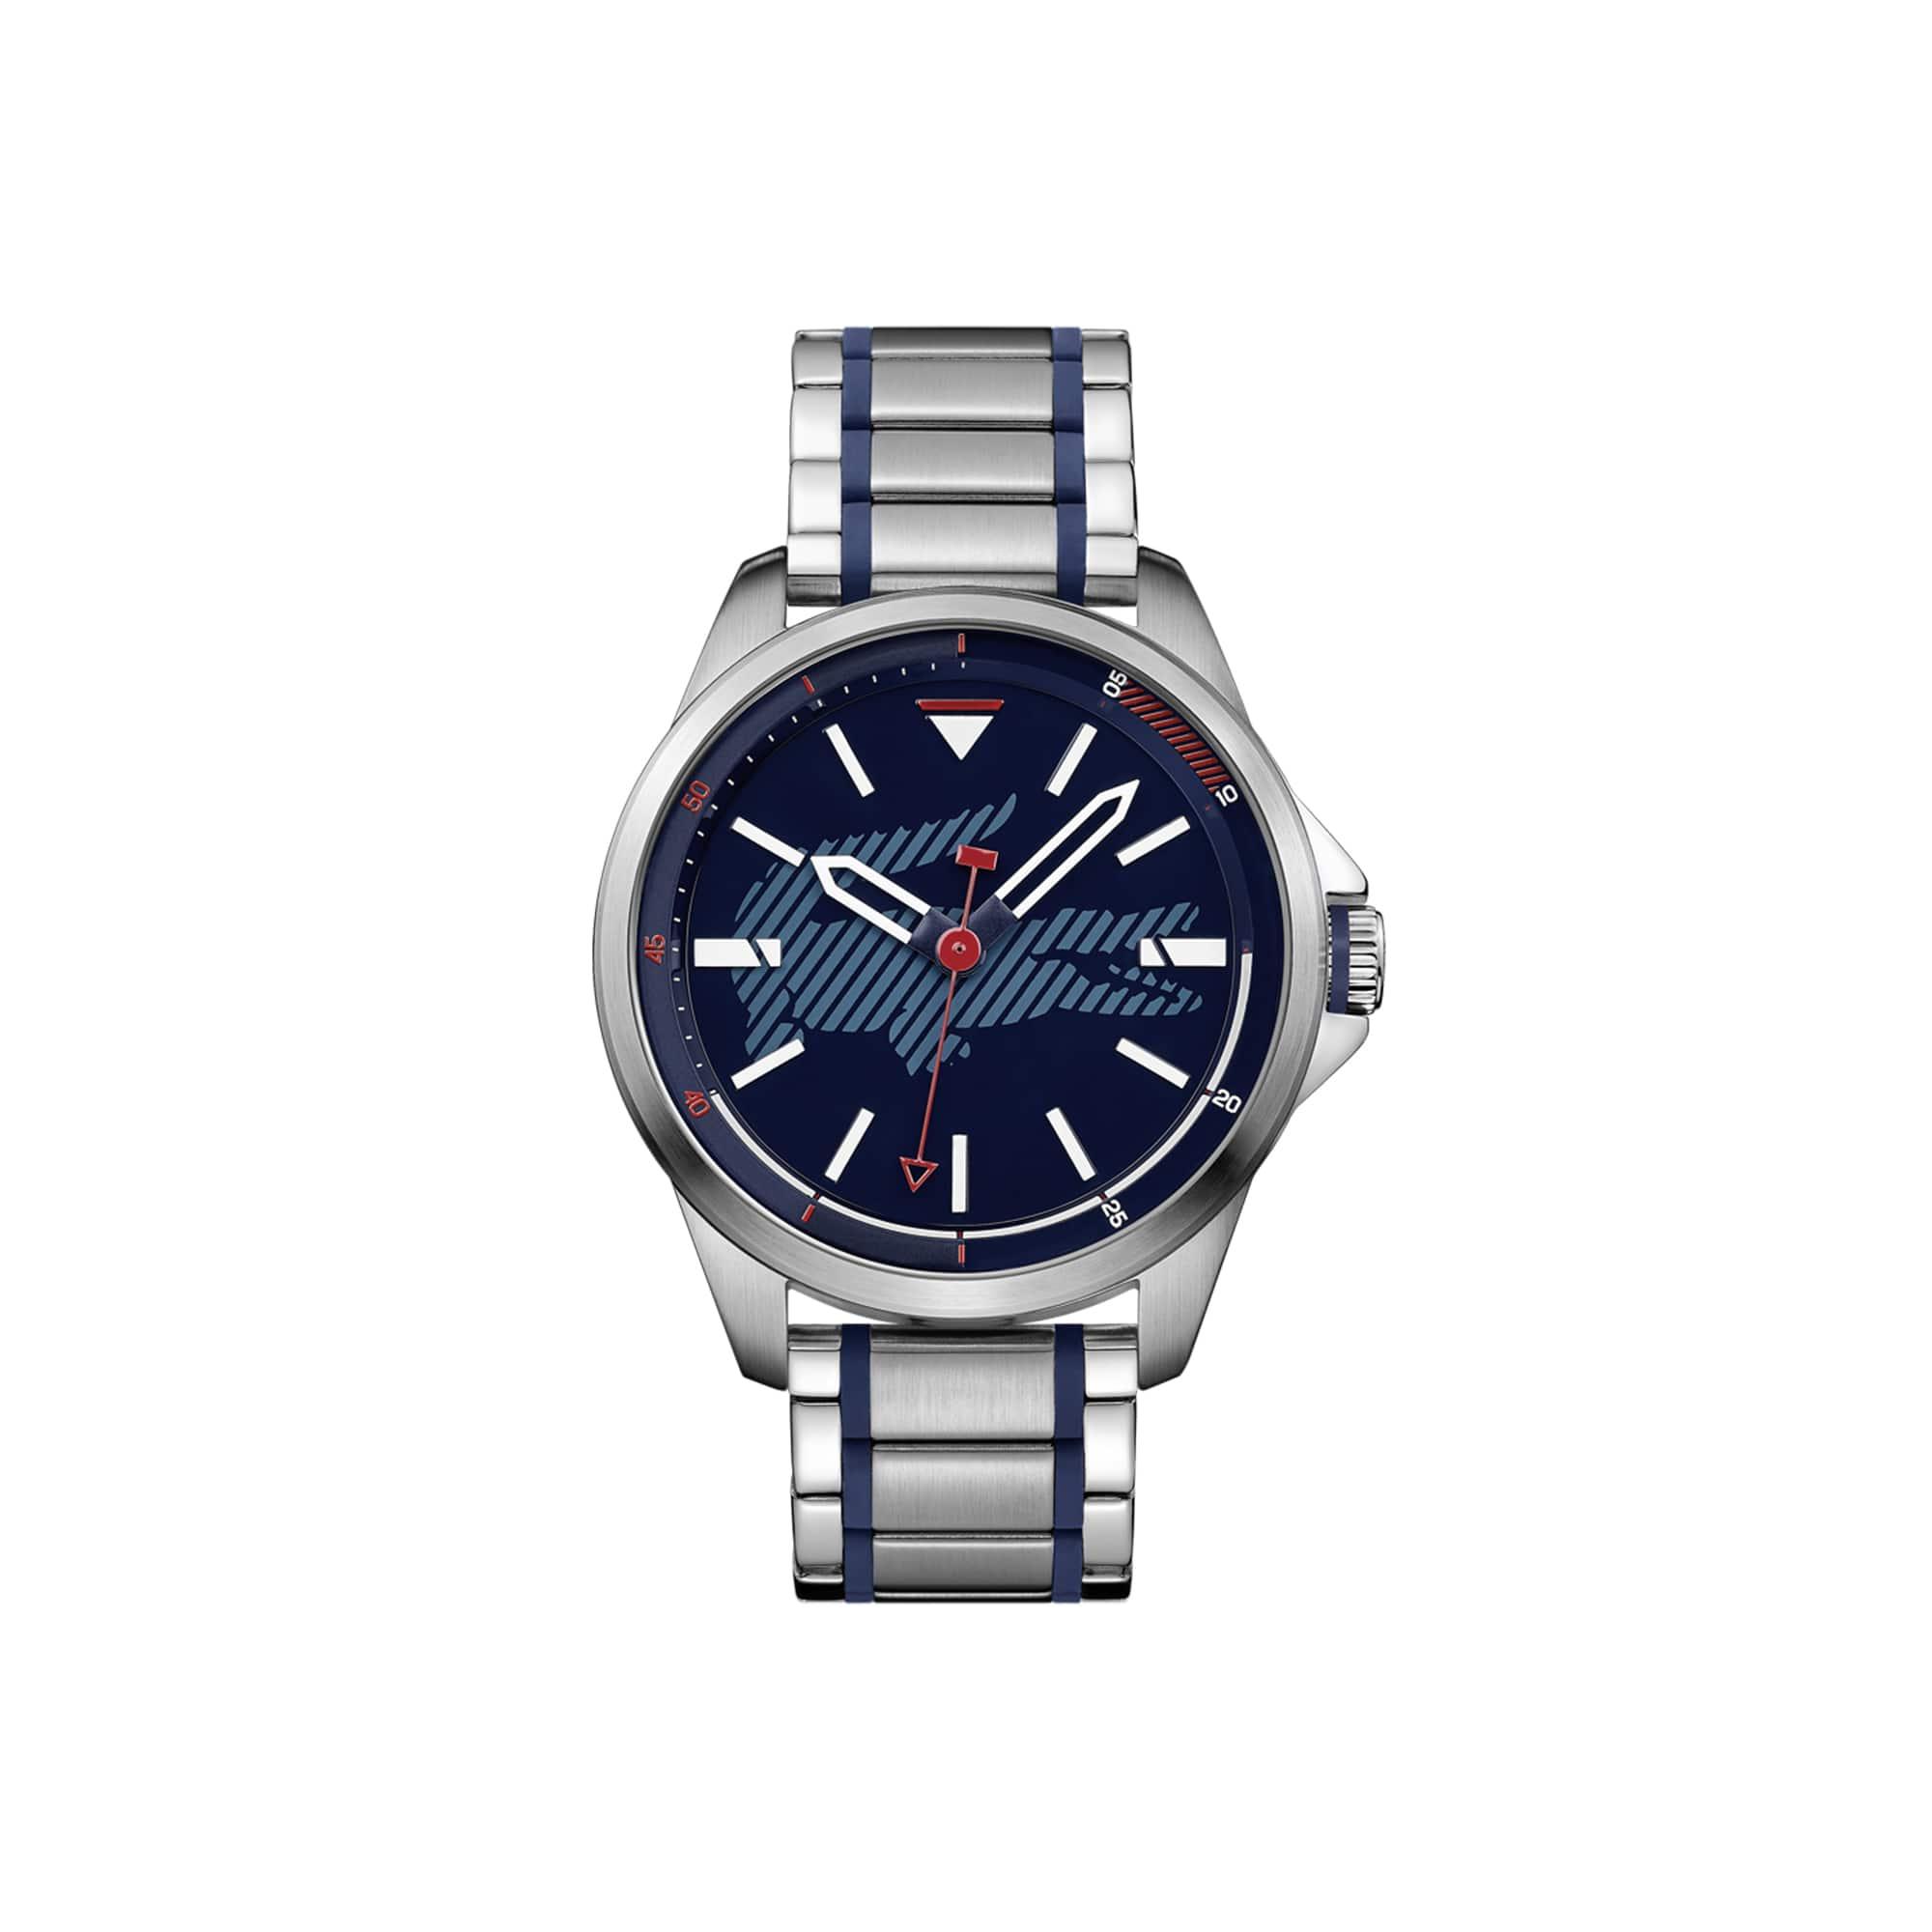 Capbreton Herrenuhr mit Edelstahl-Armband und blauen Silikonnähten